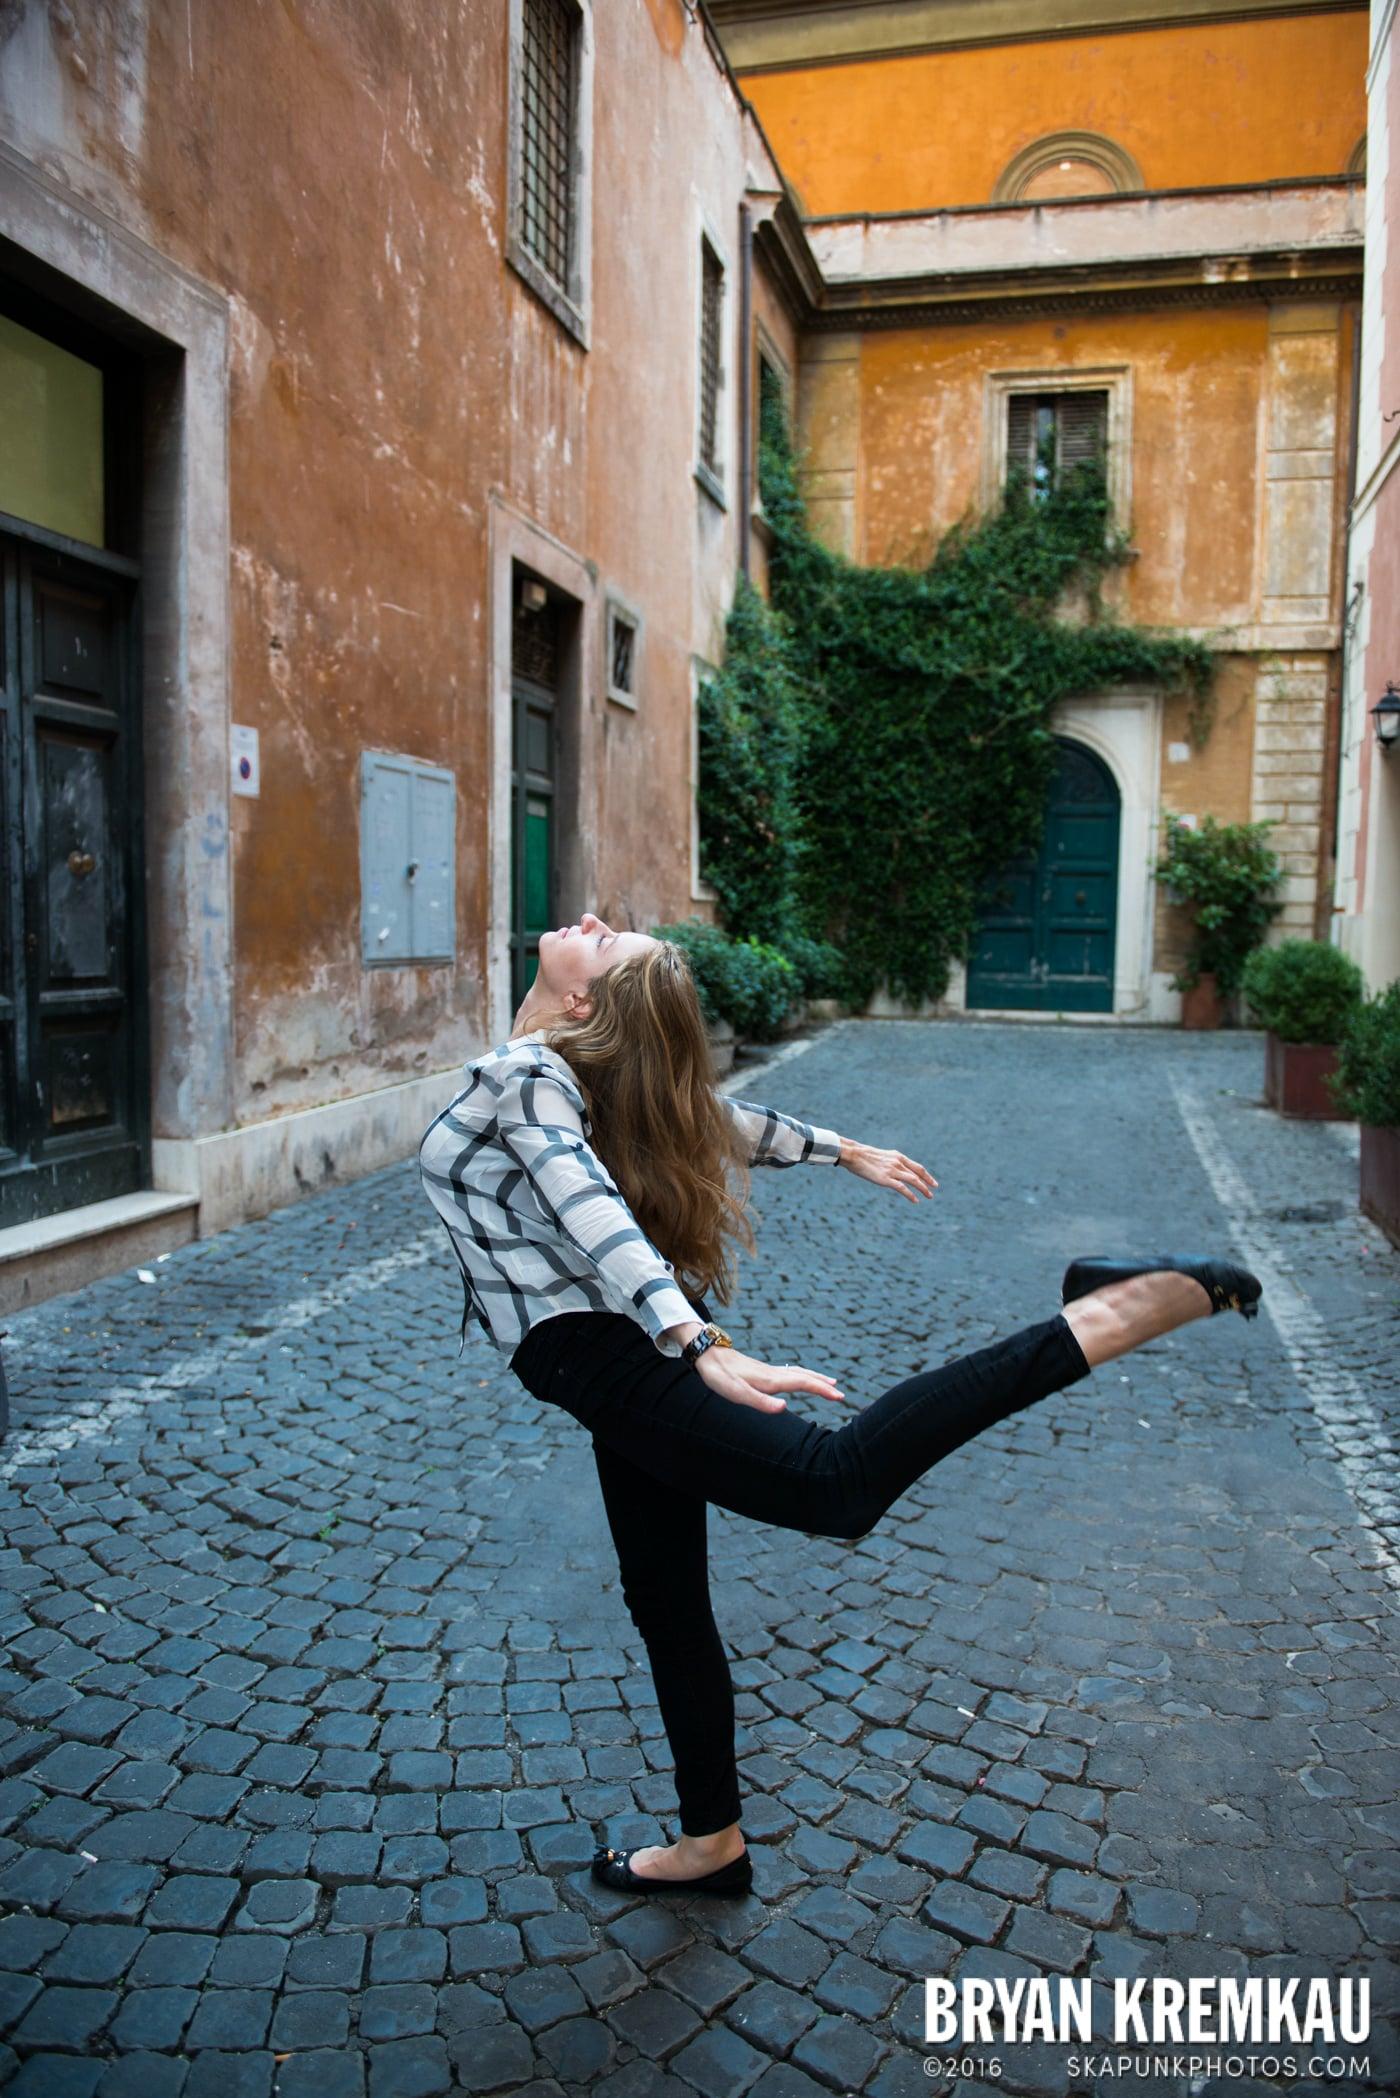 Italy Vacation - Day 3: Rome - 9.11.13 (8)